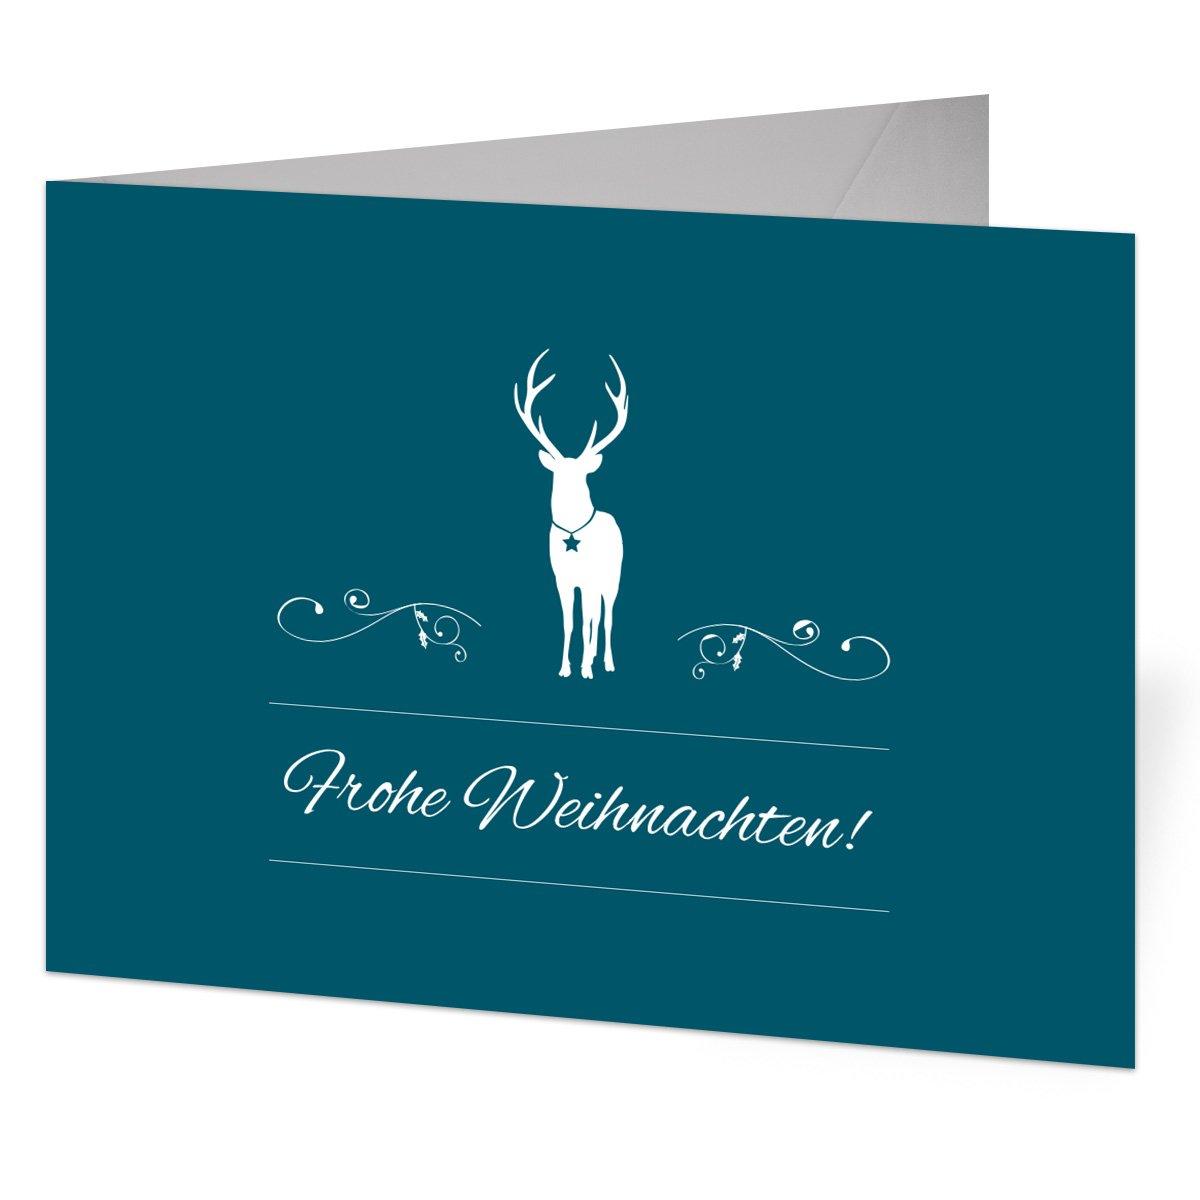 Firmen Weihnachtskarten (60 Stück) - Rentier in Blau als Foto Klappkarten B01LZEKRG3 | eine große Vielfalt  | Schönes Aussehen  | Neuer Stil